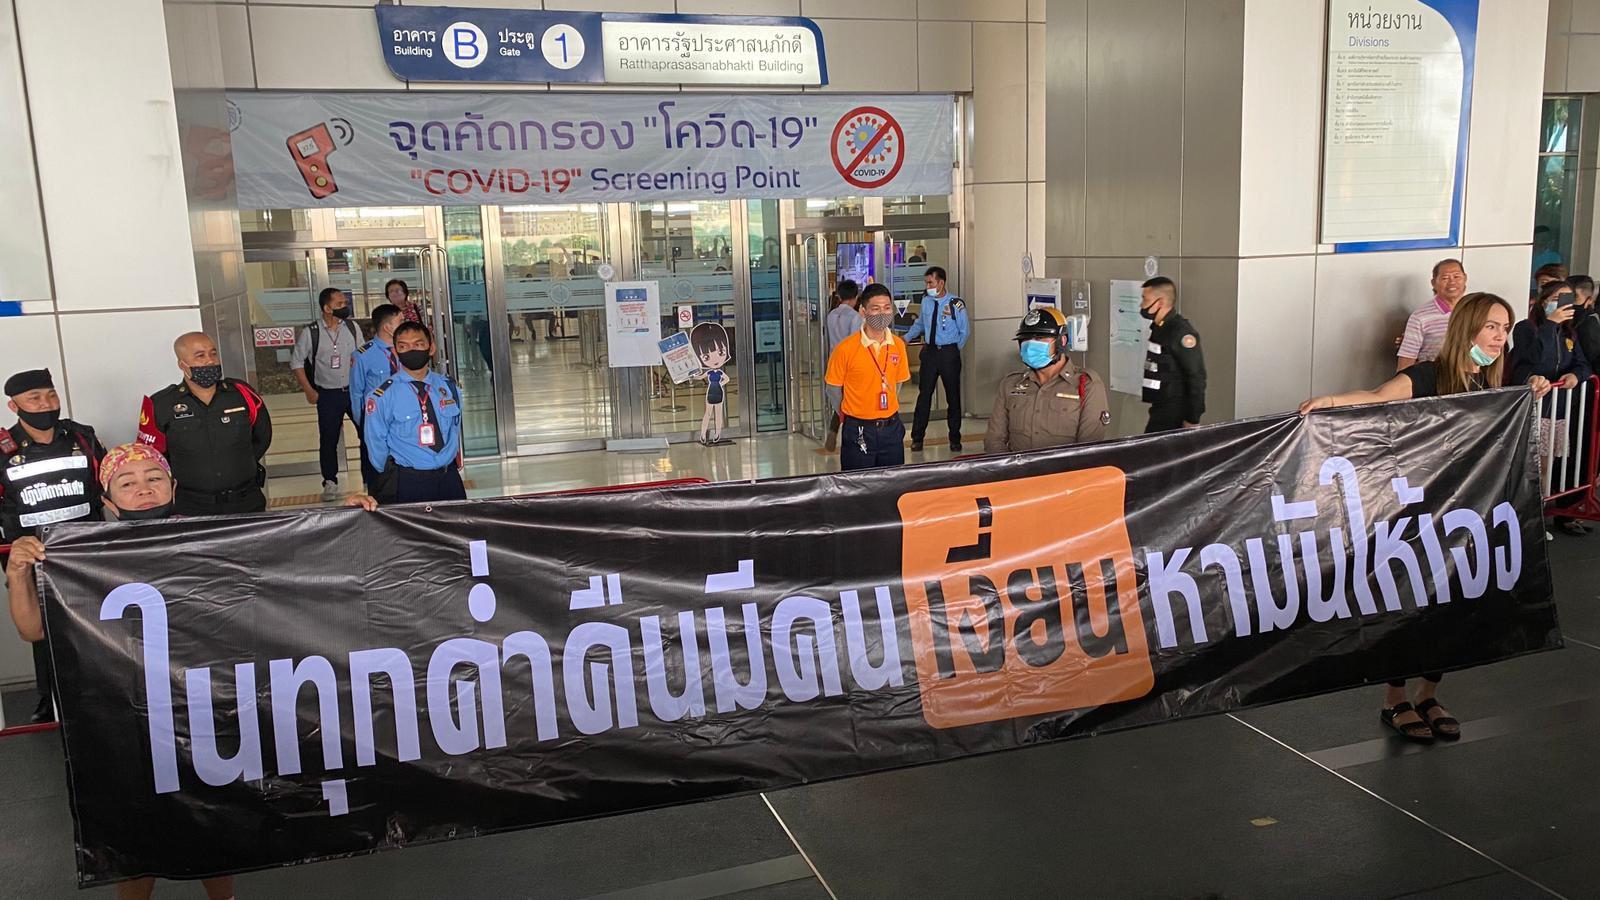 Протести в Таїланді